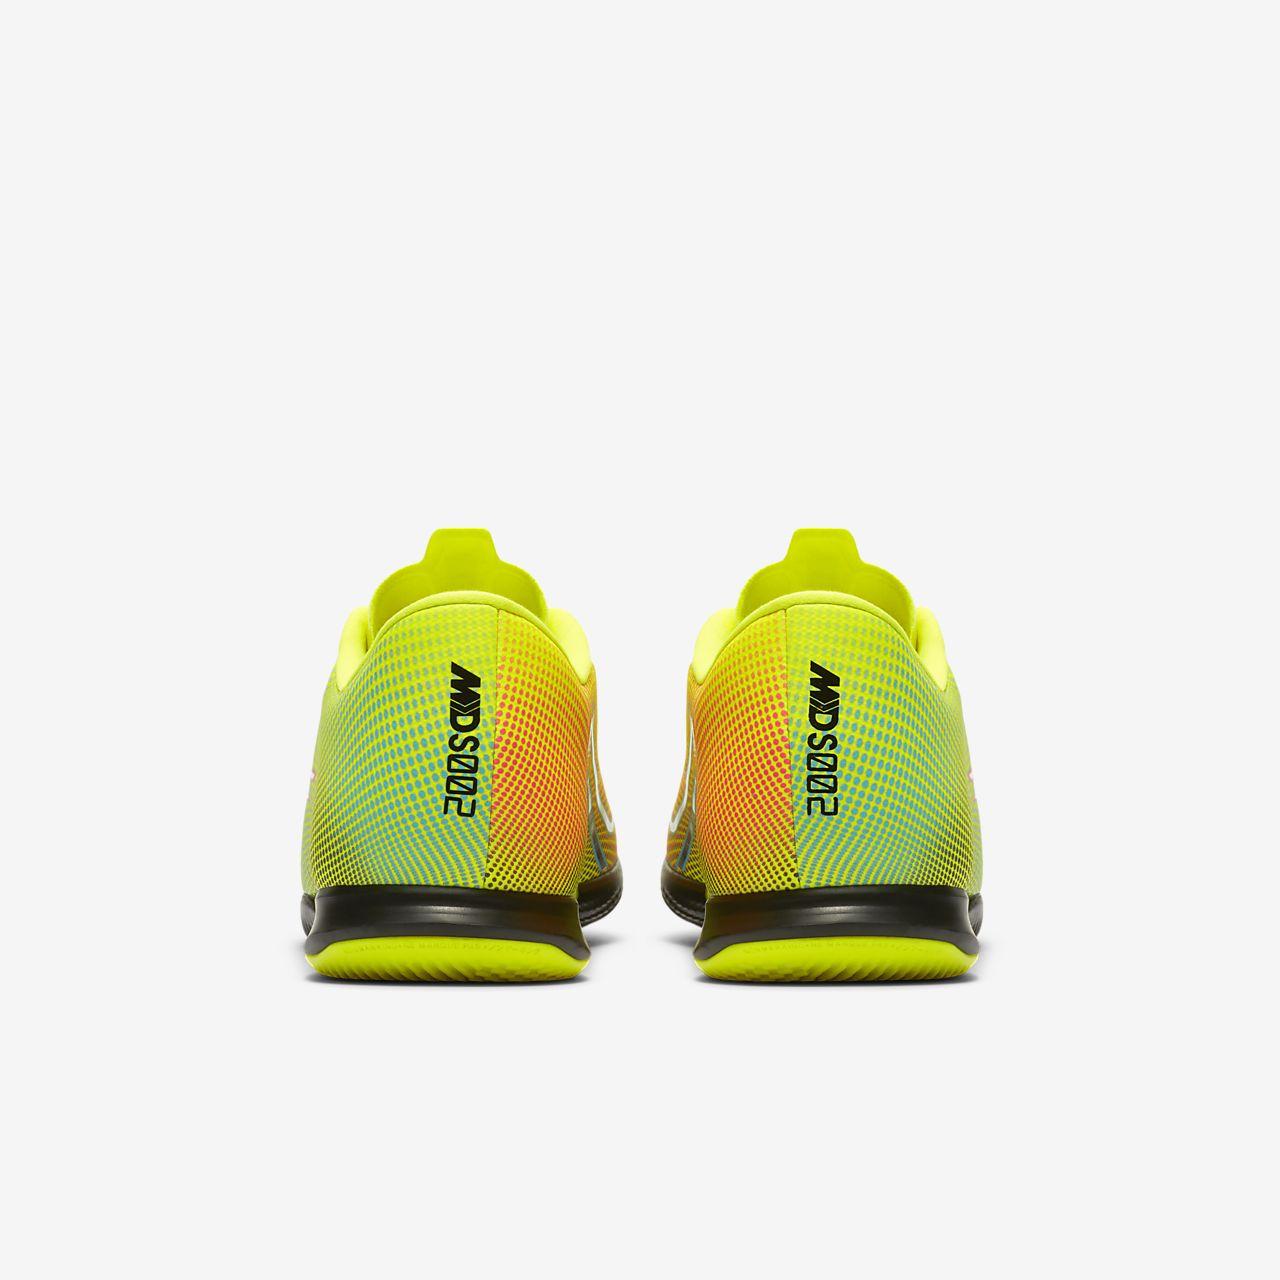 Nike Mercurial Vapor 13 Academy MDS IC fotballsko til innendørsbanegate